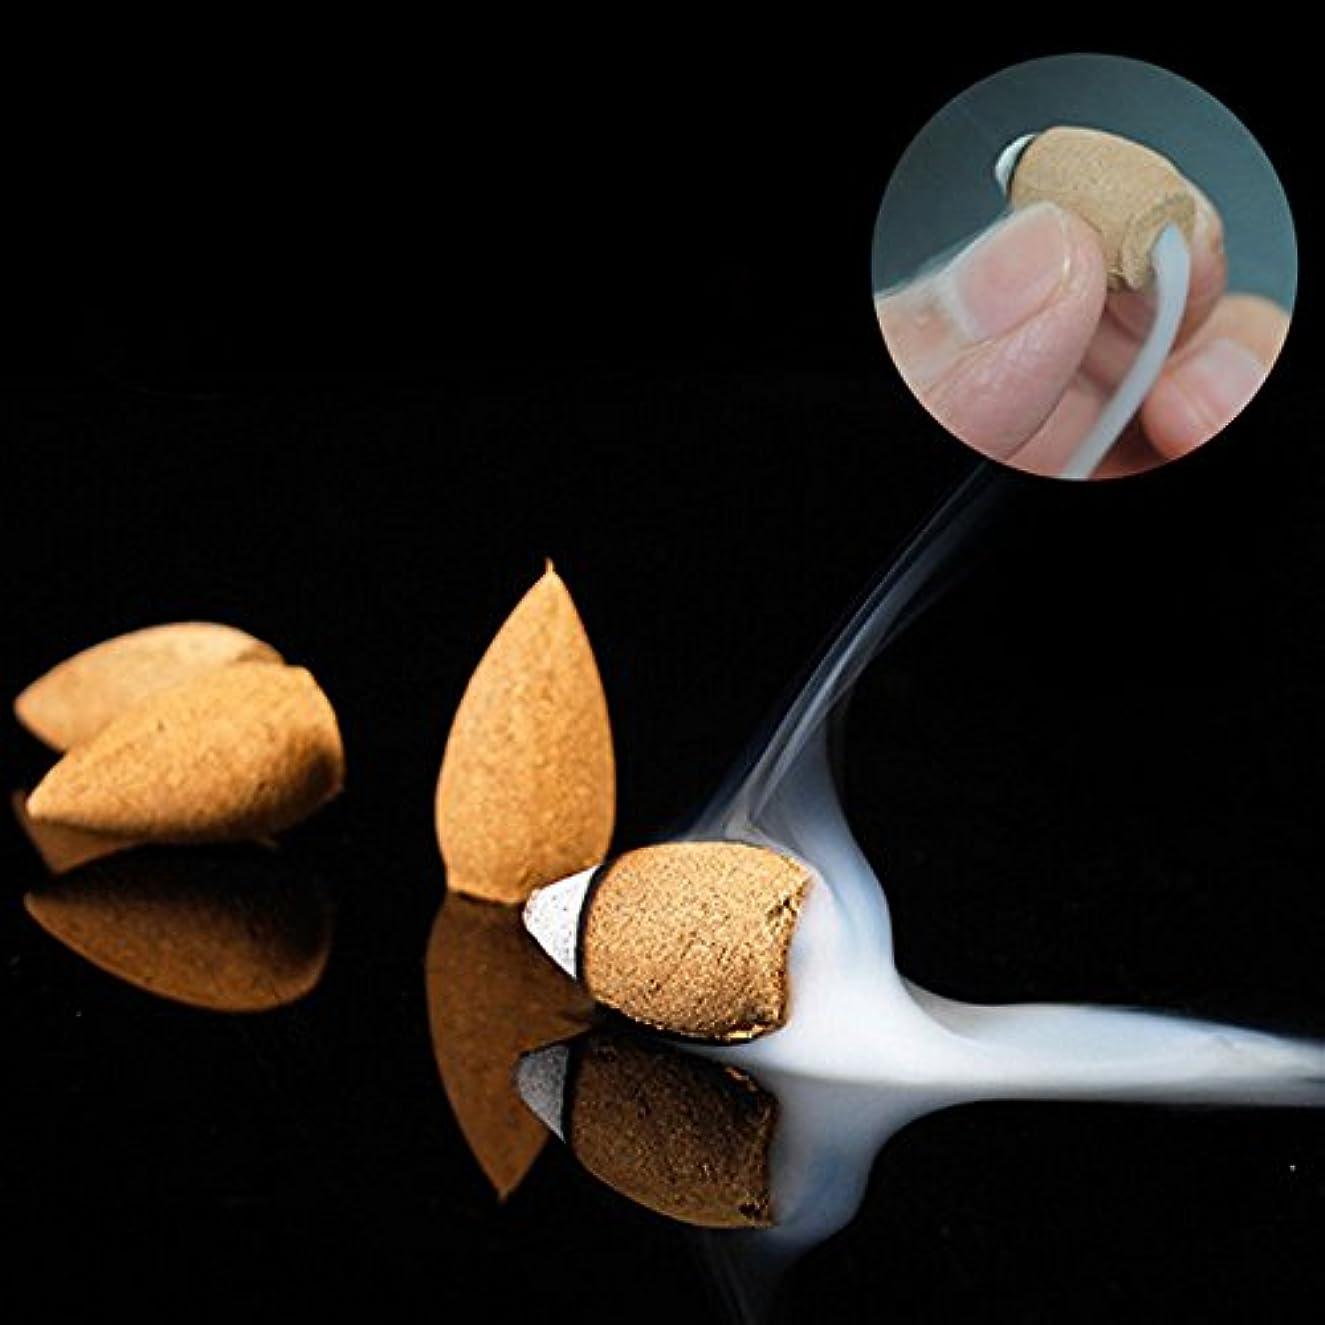 鬼ごっこ祝福するたっぷりTOPmountain 10個還流タワー 逆流香 セラミックバーナー ナチュラル実践 2.9 * 2 * 2cm サンダルウッドアロマセラピー